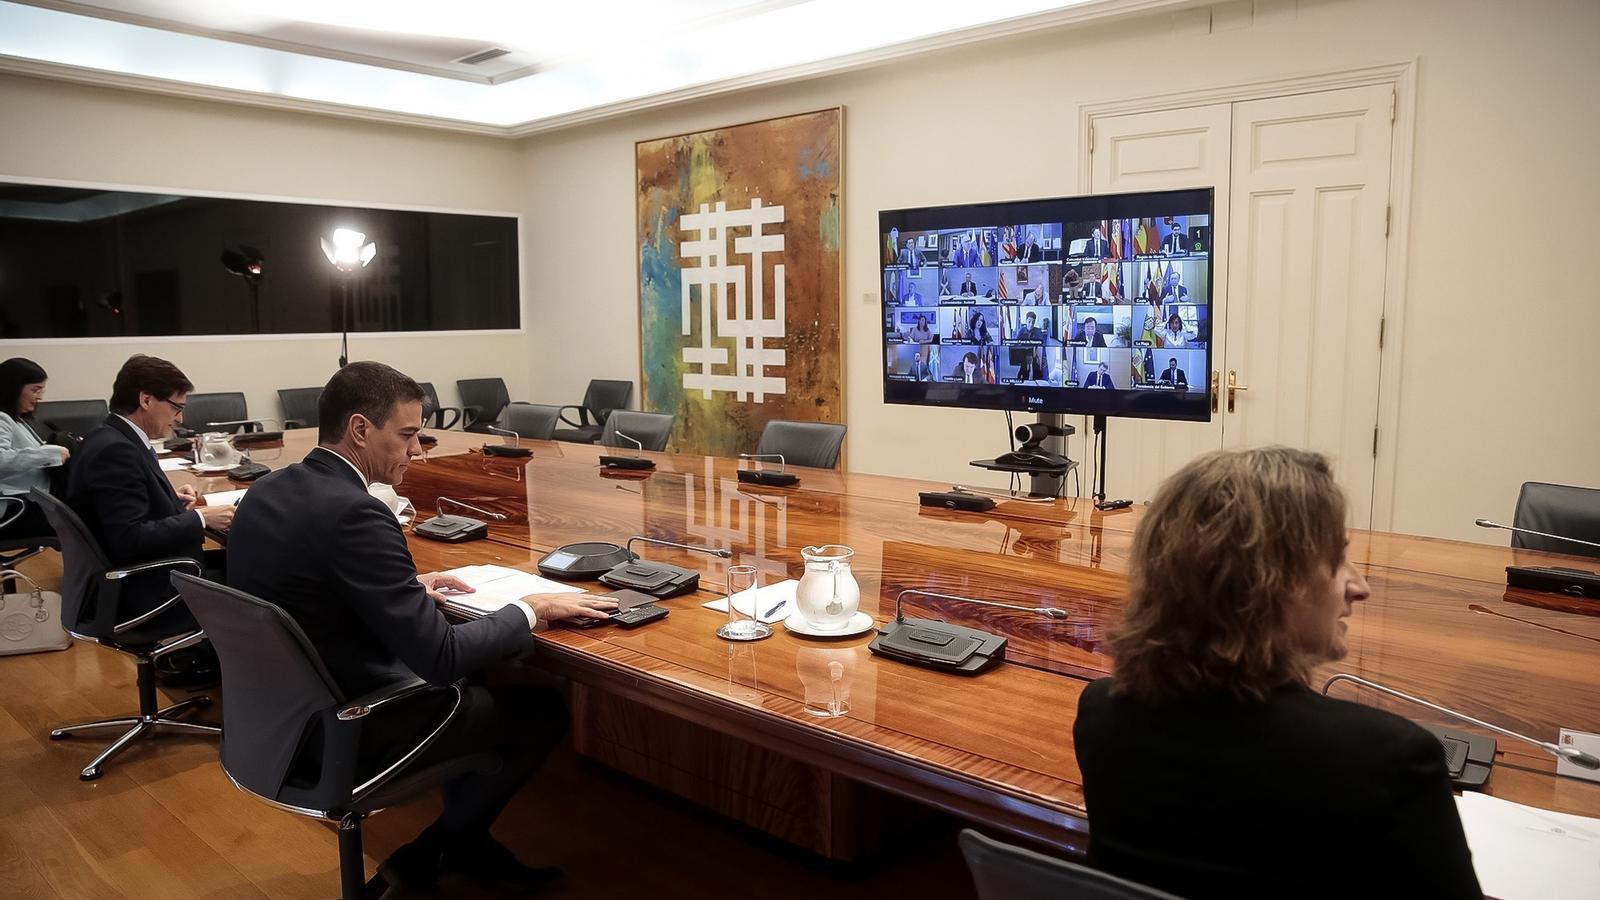 Pedro Sánchez amb part del seu equip durant la reunió de la conferència de presidents d'aquest diumenge, en una imatge difosa per la Moncloa arran de les restriccions imposades als periodistes per la crisi del coronavirus.